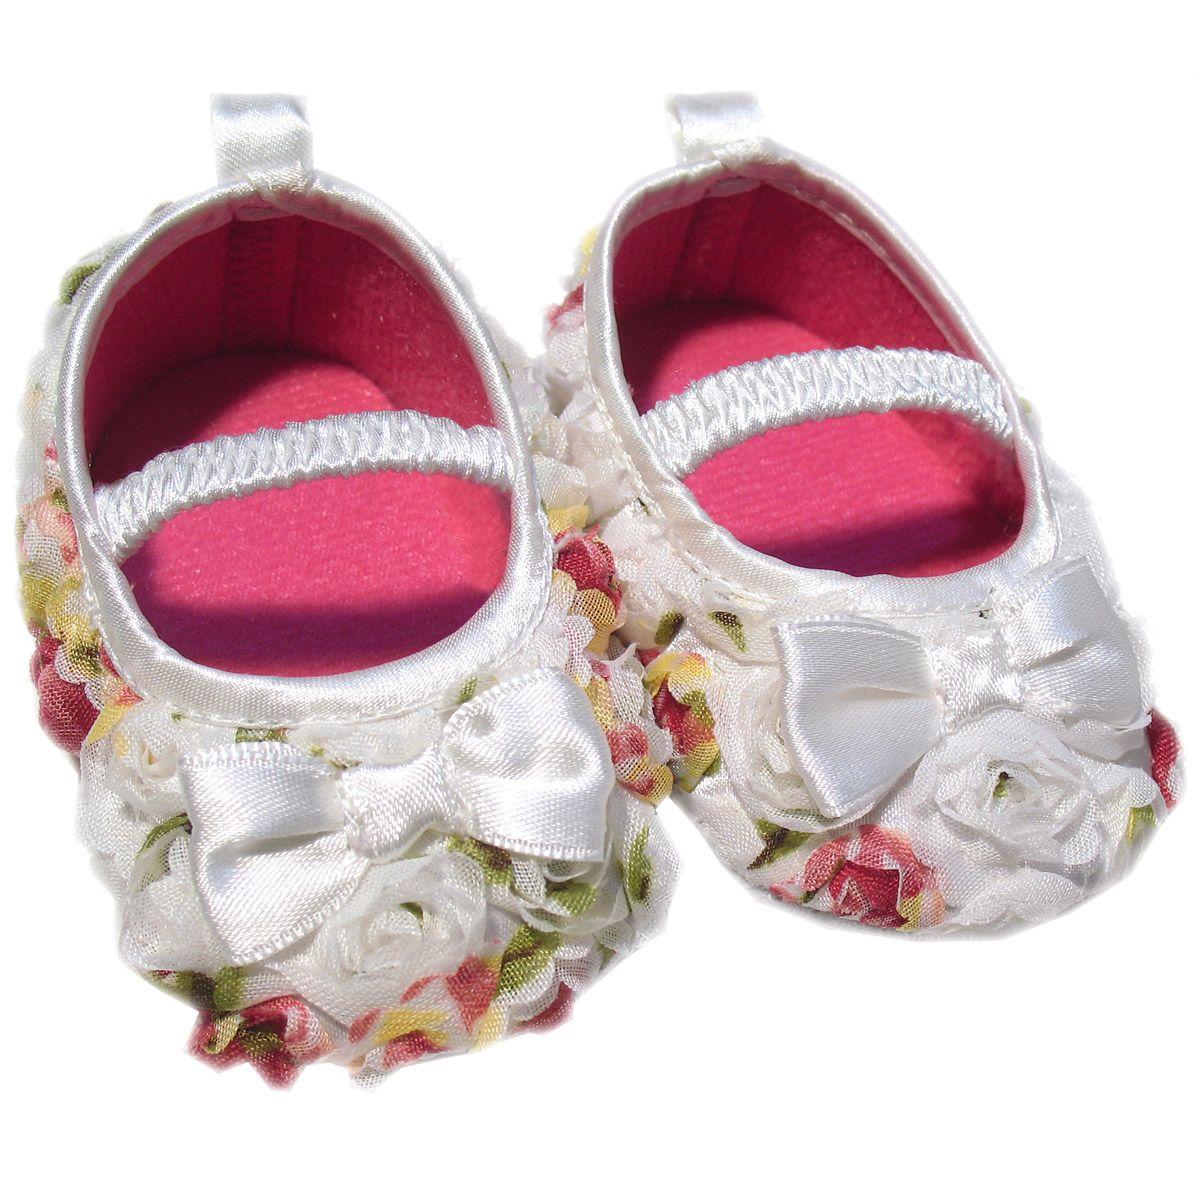 Vauvanvaatteet ja lastenvaatteet - Vauvan ballerinat, vintageruusu, 6-9kk